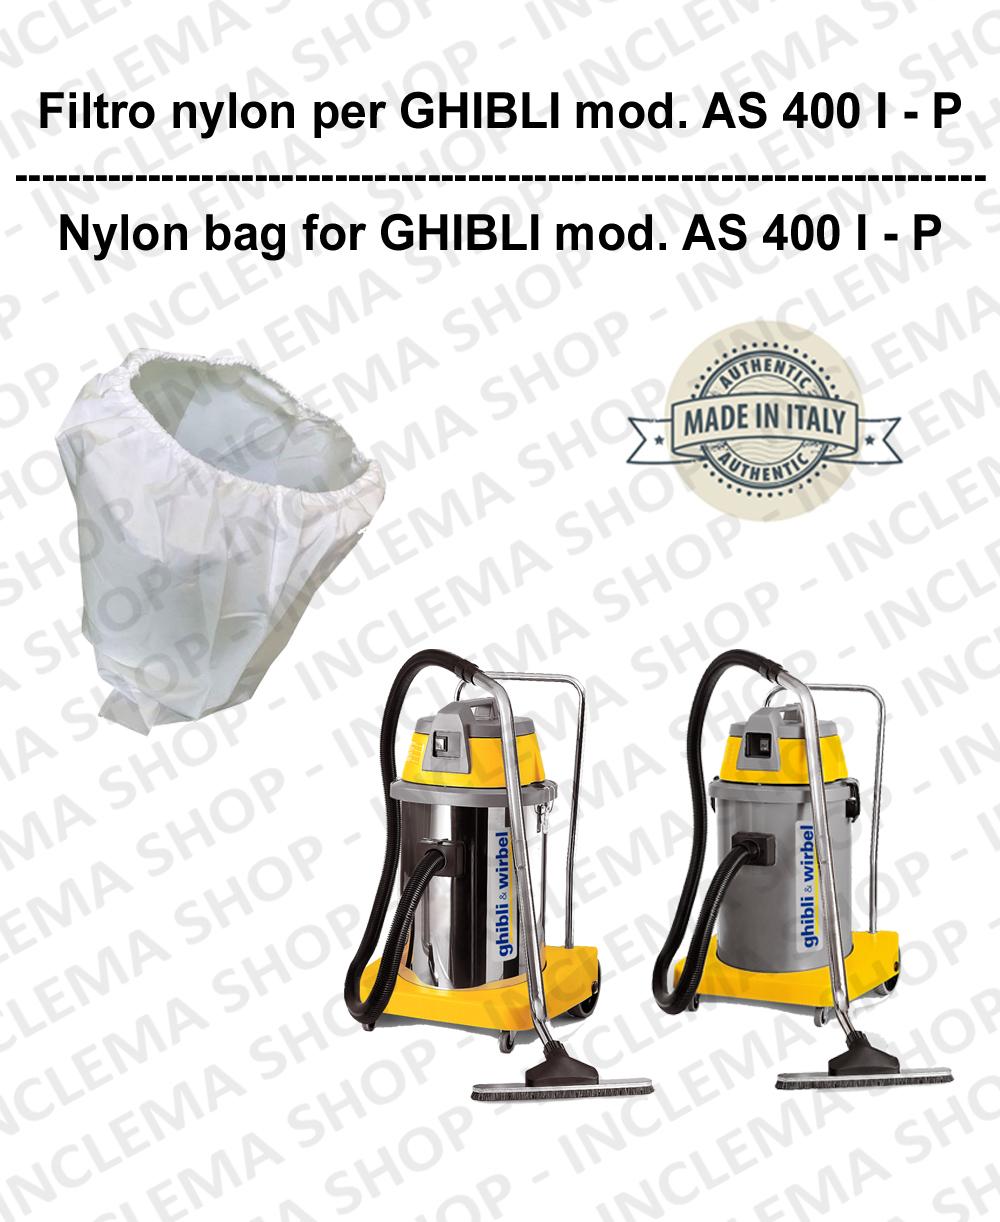 AS400 Nylonfilter für Staubsauger GHIBLI